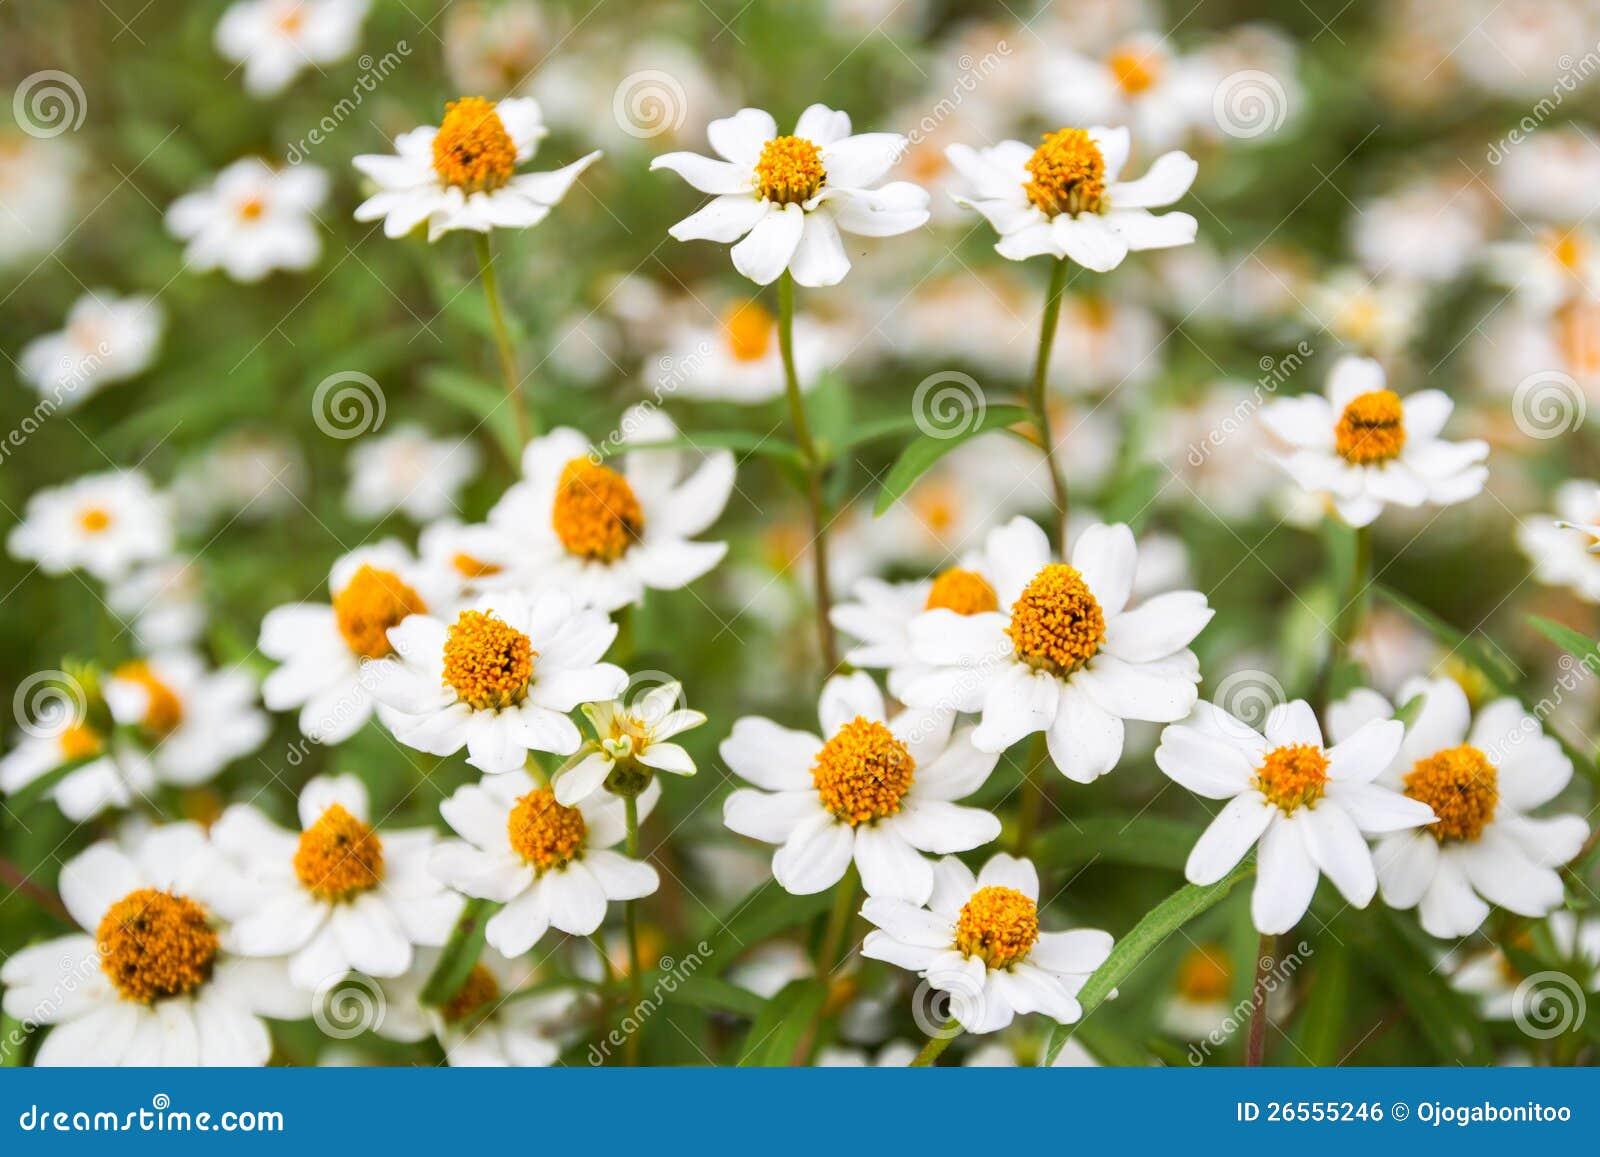 peu de fleur blanche avec le pollen jaune photo stock image 26555246. Black Bedroom Furniture Sets. Home Design Ideas